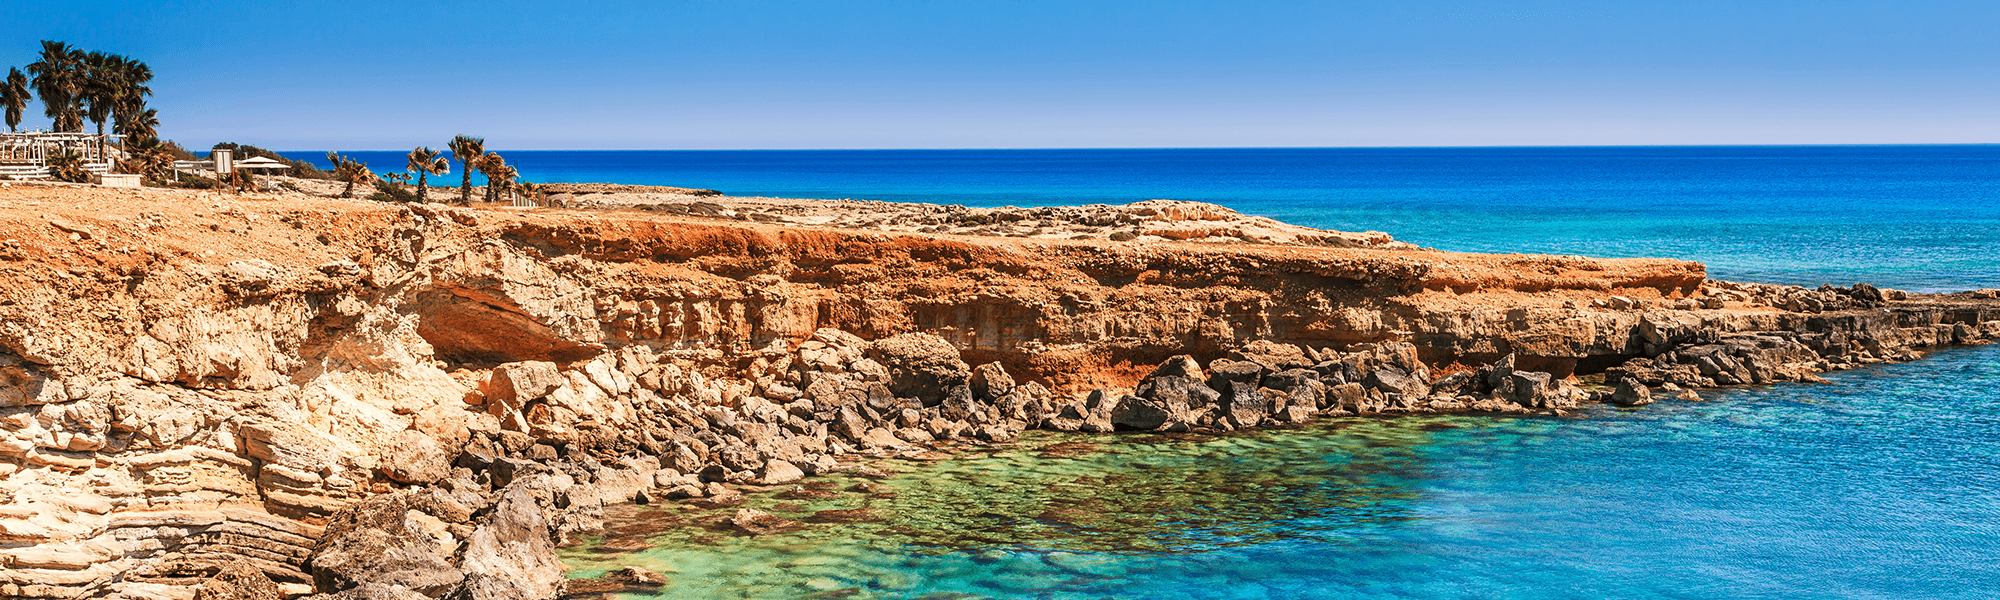 Zypern-Kap-Greco